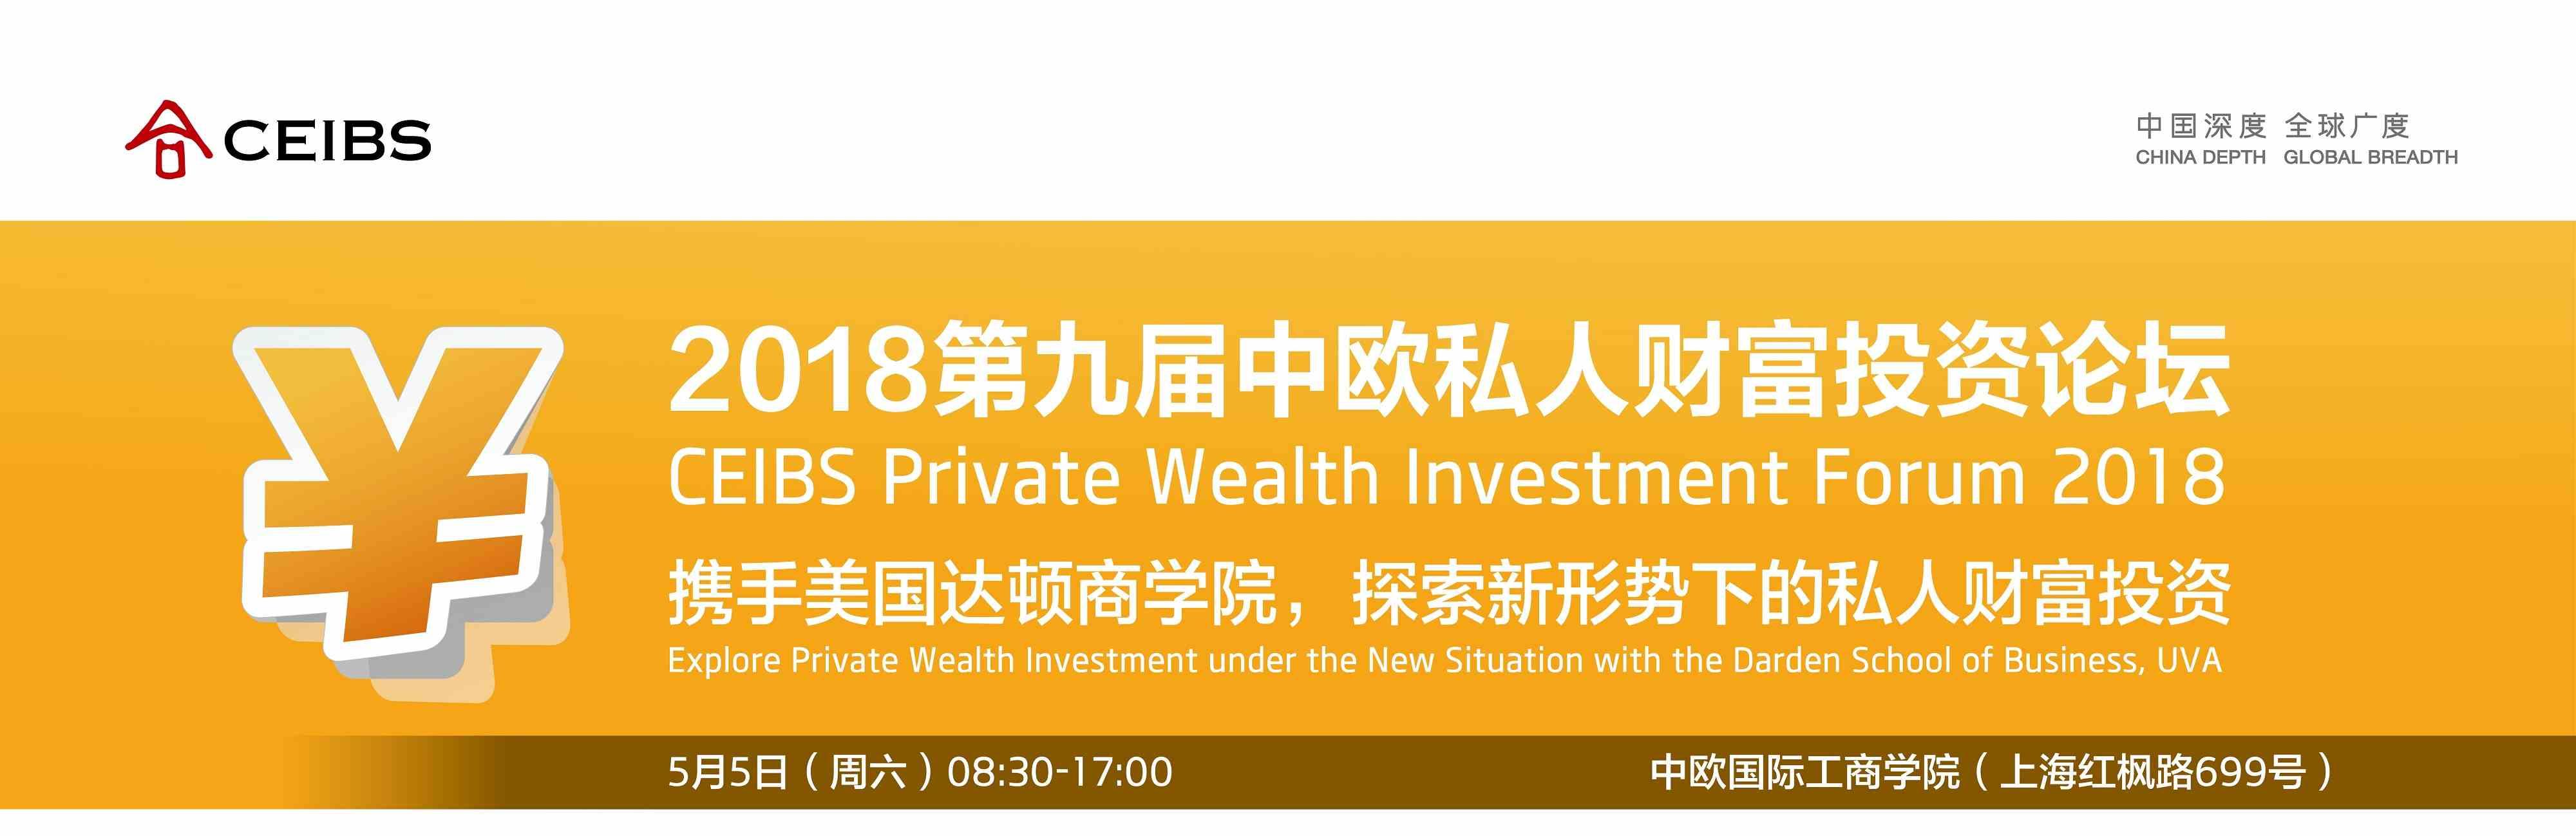 第九届中欧私人财富投资论坛